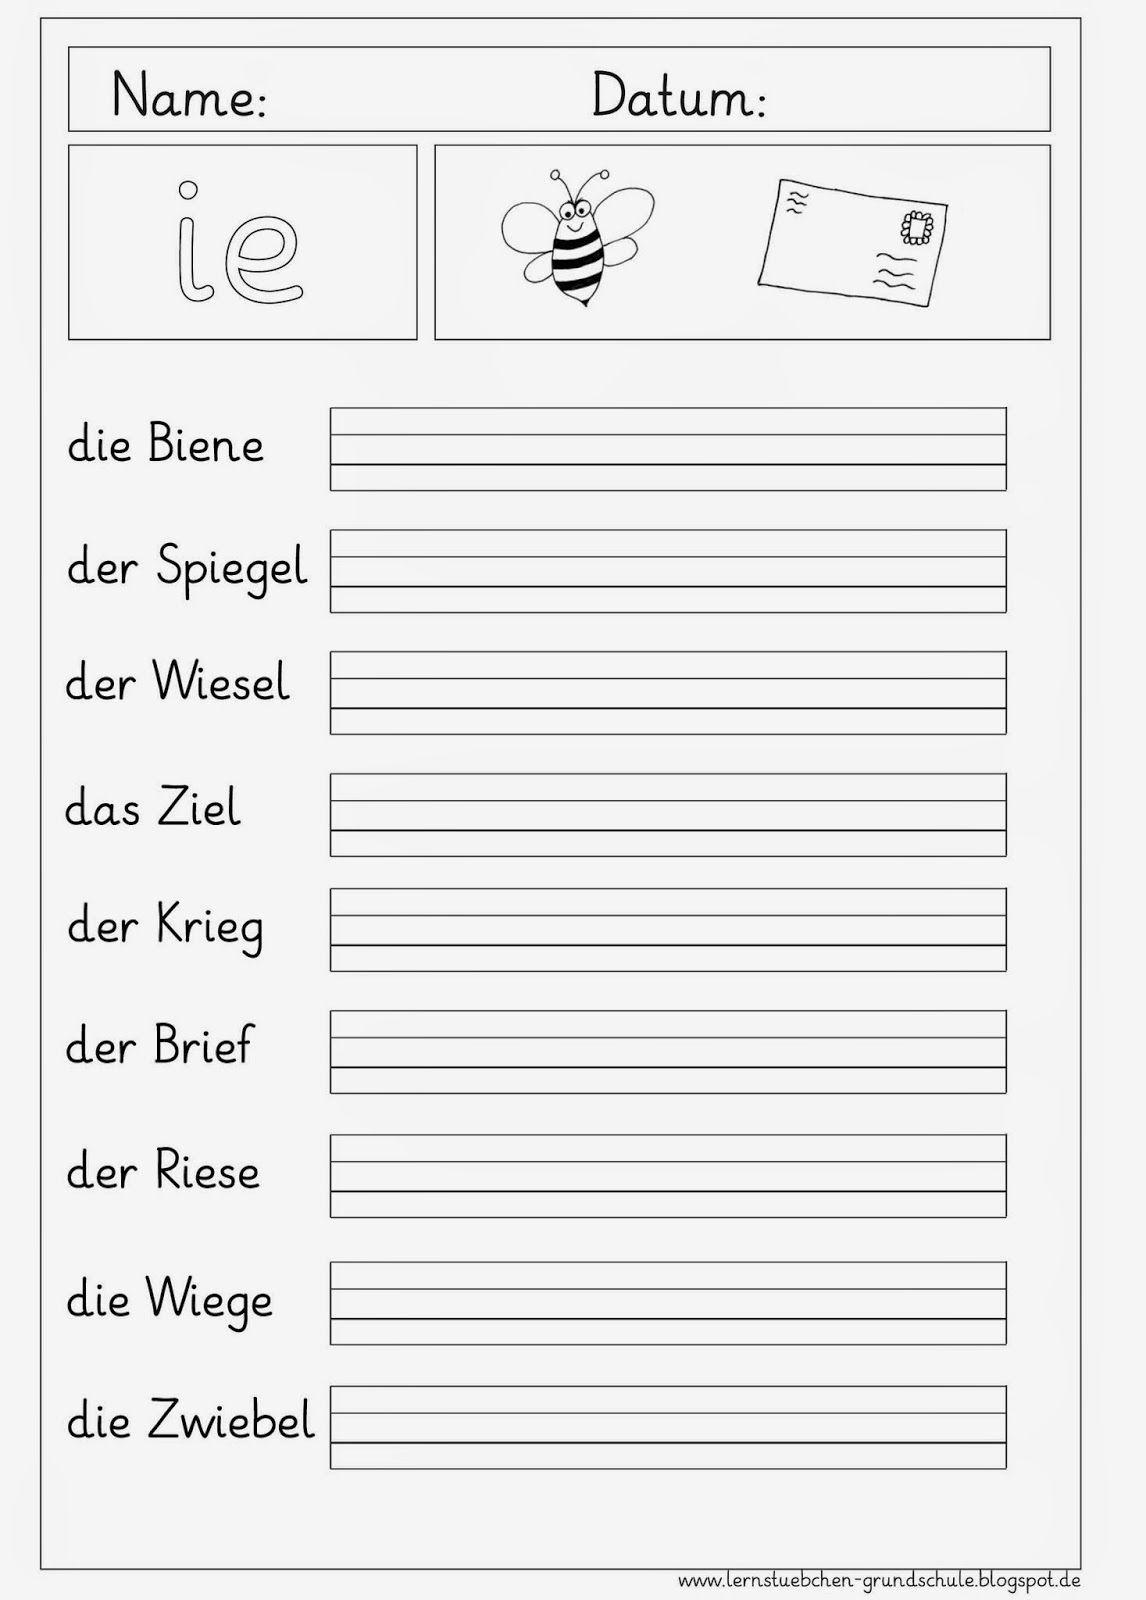 Arbeitsblätter Grundschule 1 Klasse Ausdrucken Lernstübchen verwandt mit Arbeitsblätter Grundschule Kostenlos Zum Ausdrucken